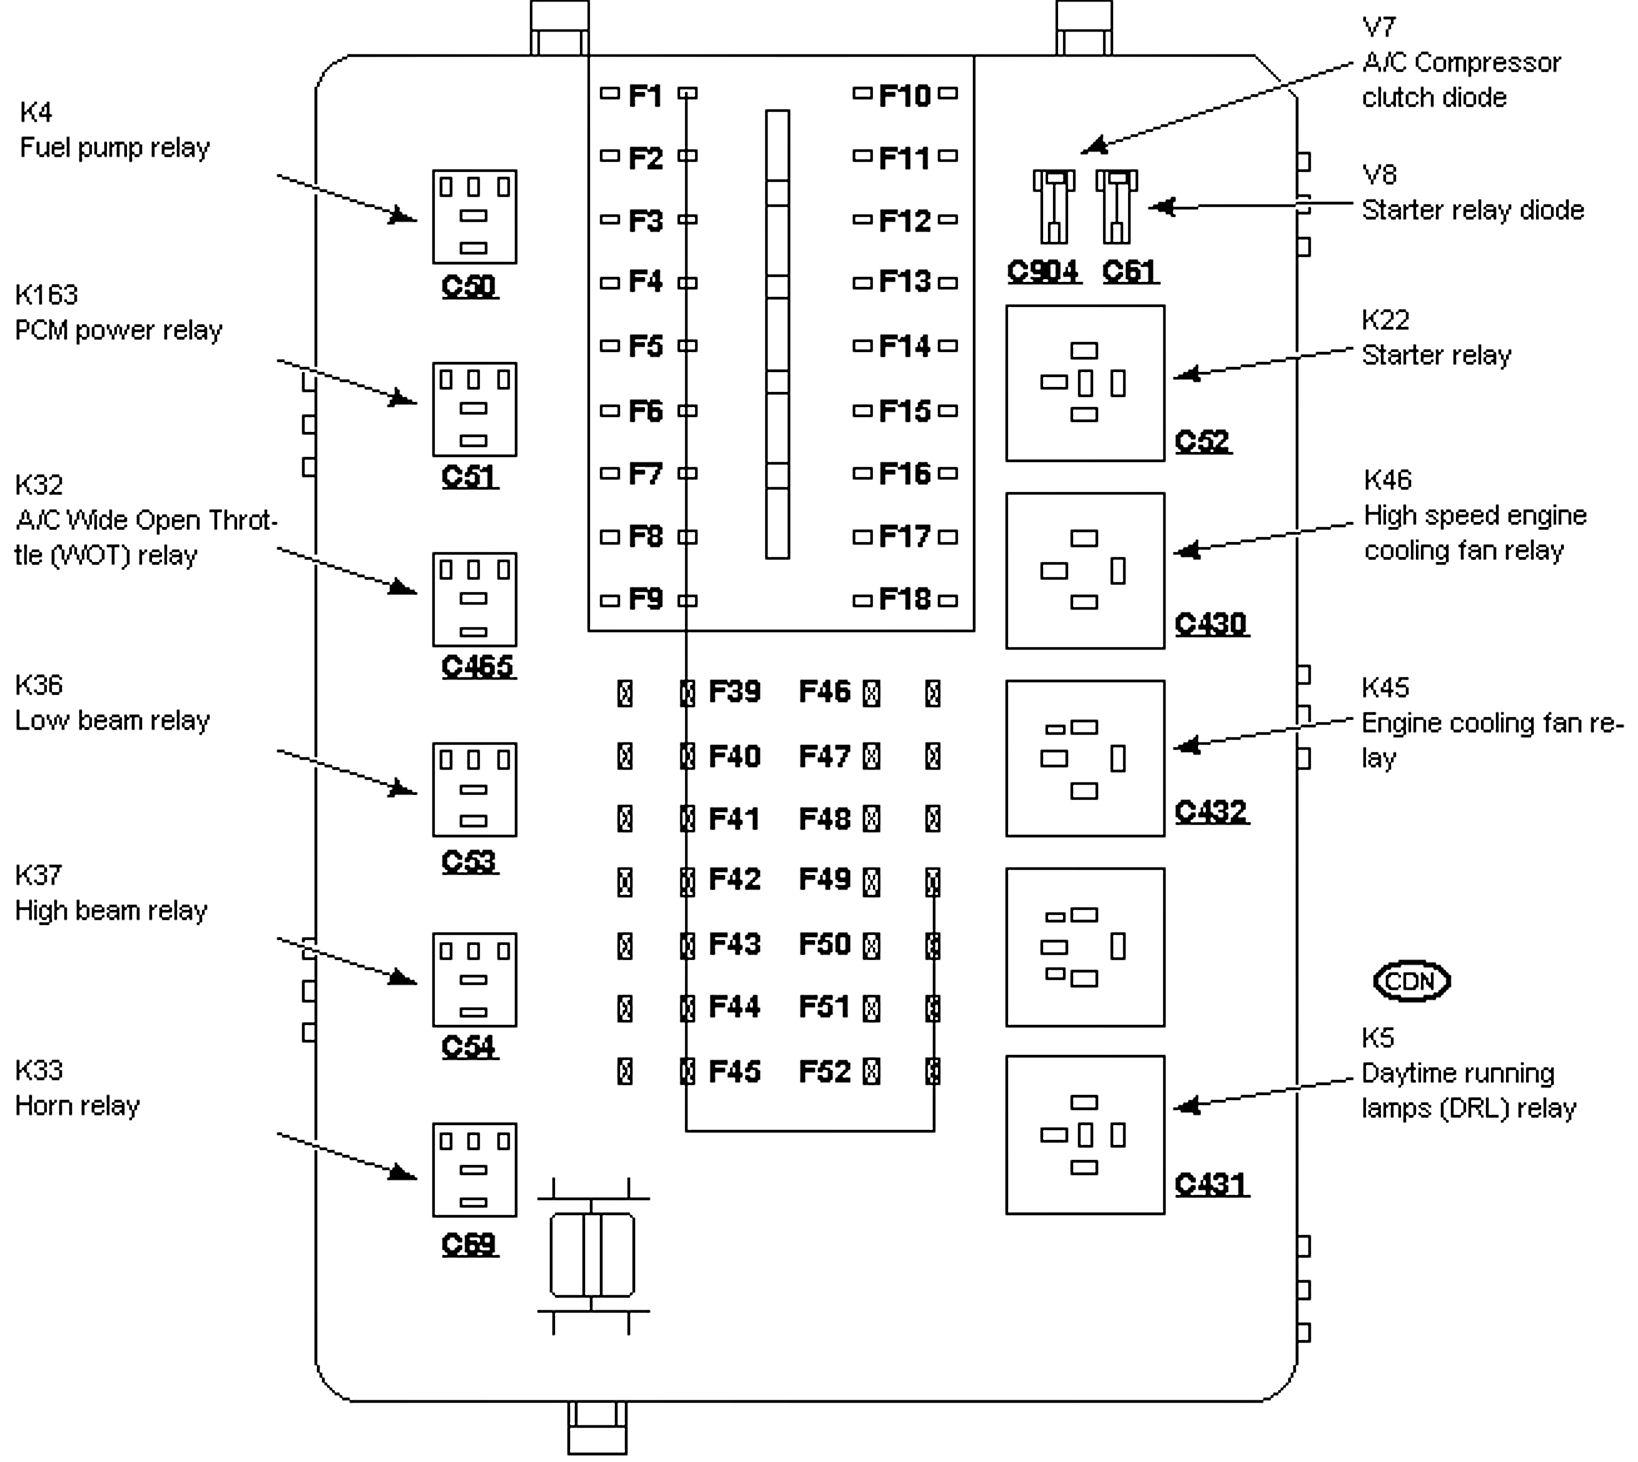 cs_2819] alternator fuse box wiring diagram  reda nowa hyedi salv mohammedshrine librar wiring 101